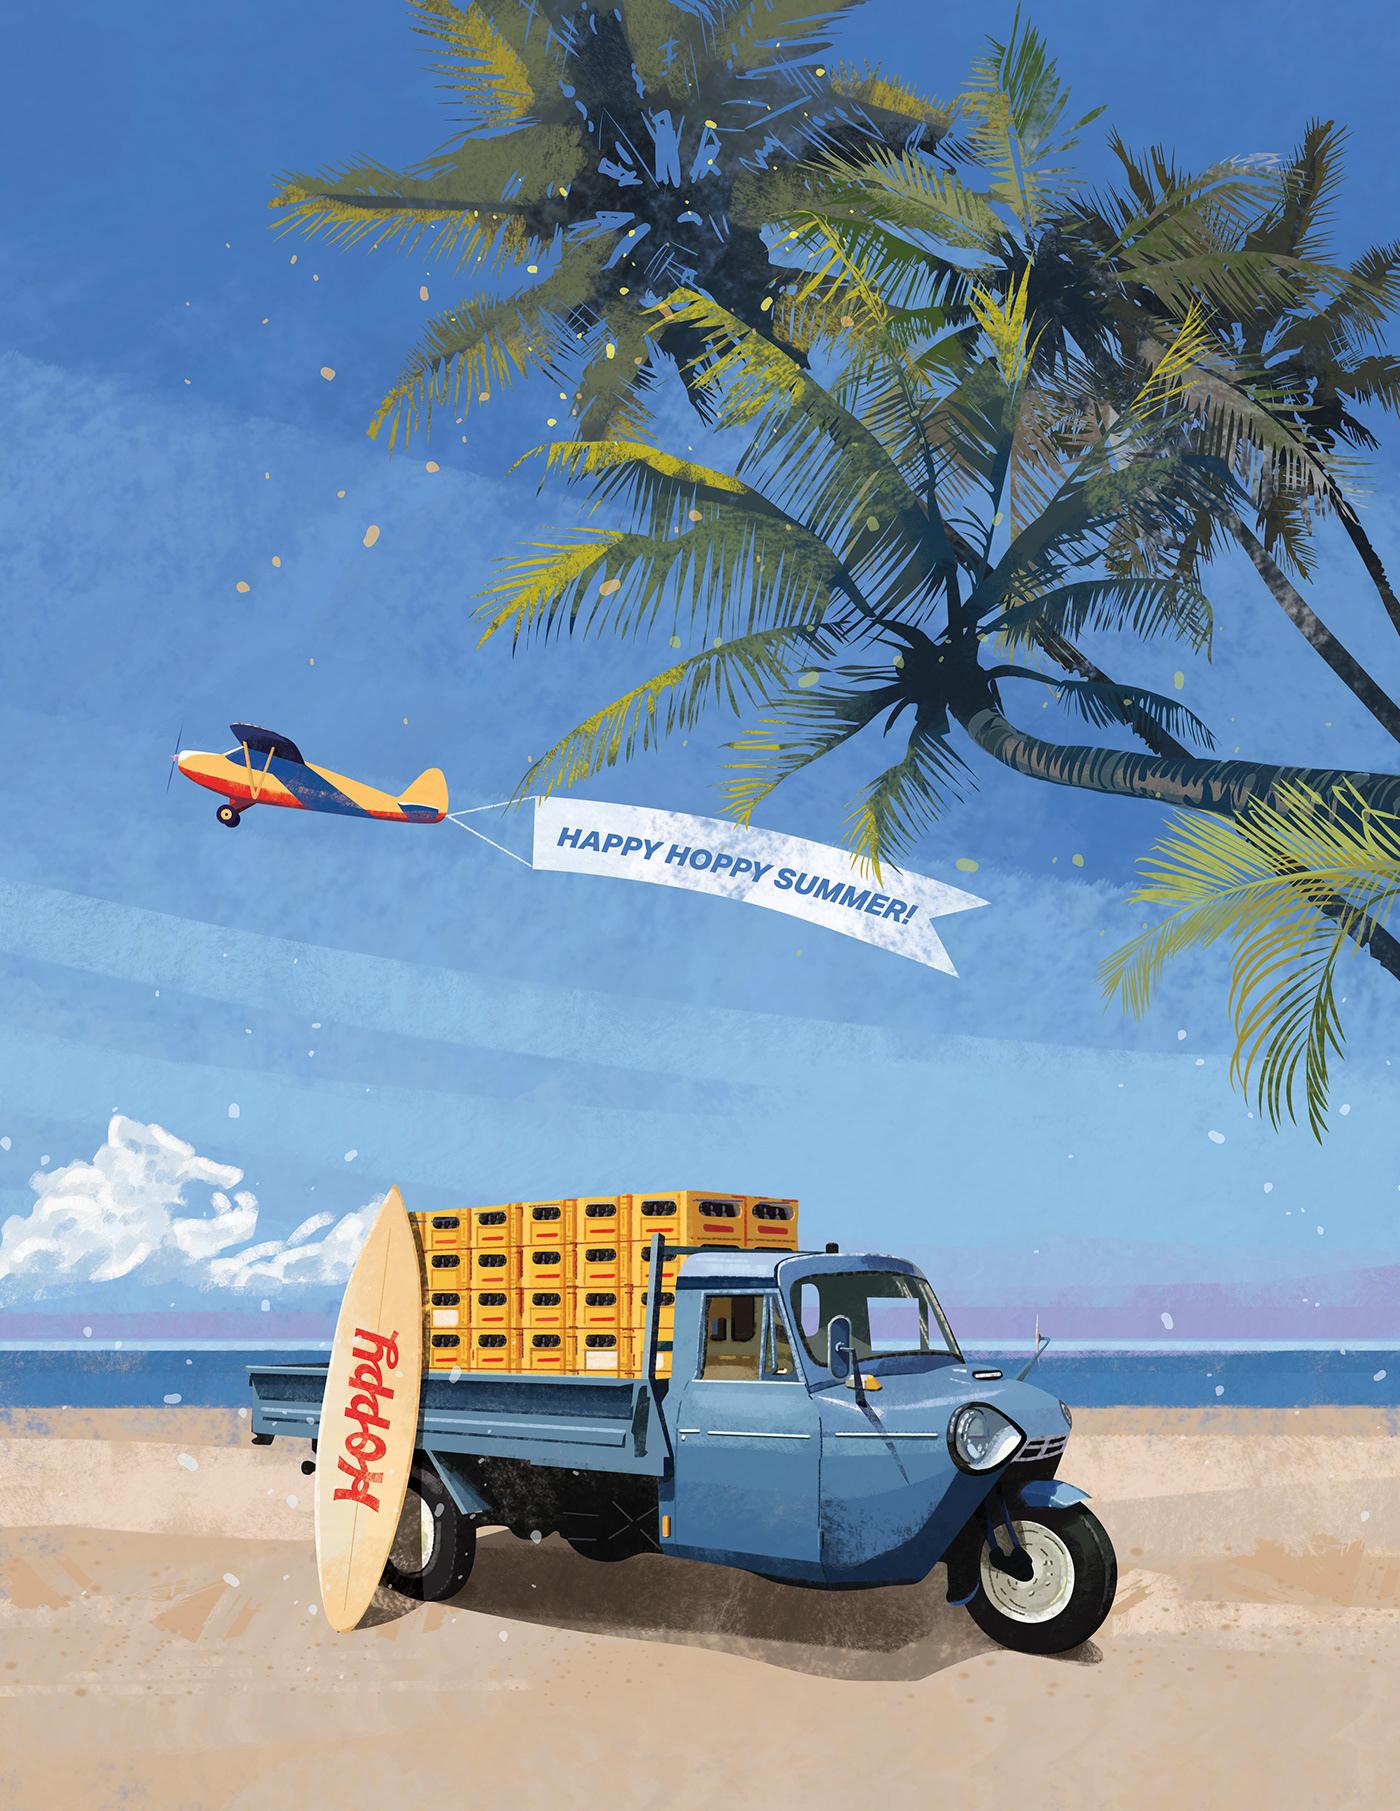 ArtDirection beach design digitalart Drawing  editorialillustration graphic ILLUSTRATION  summerillustration vanlife